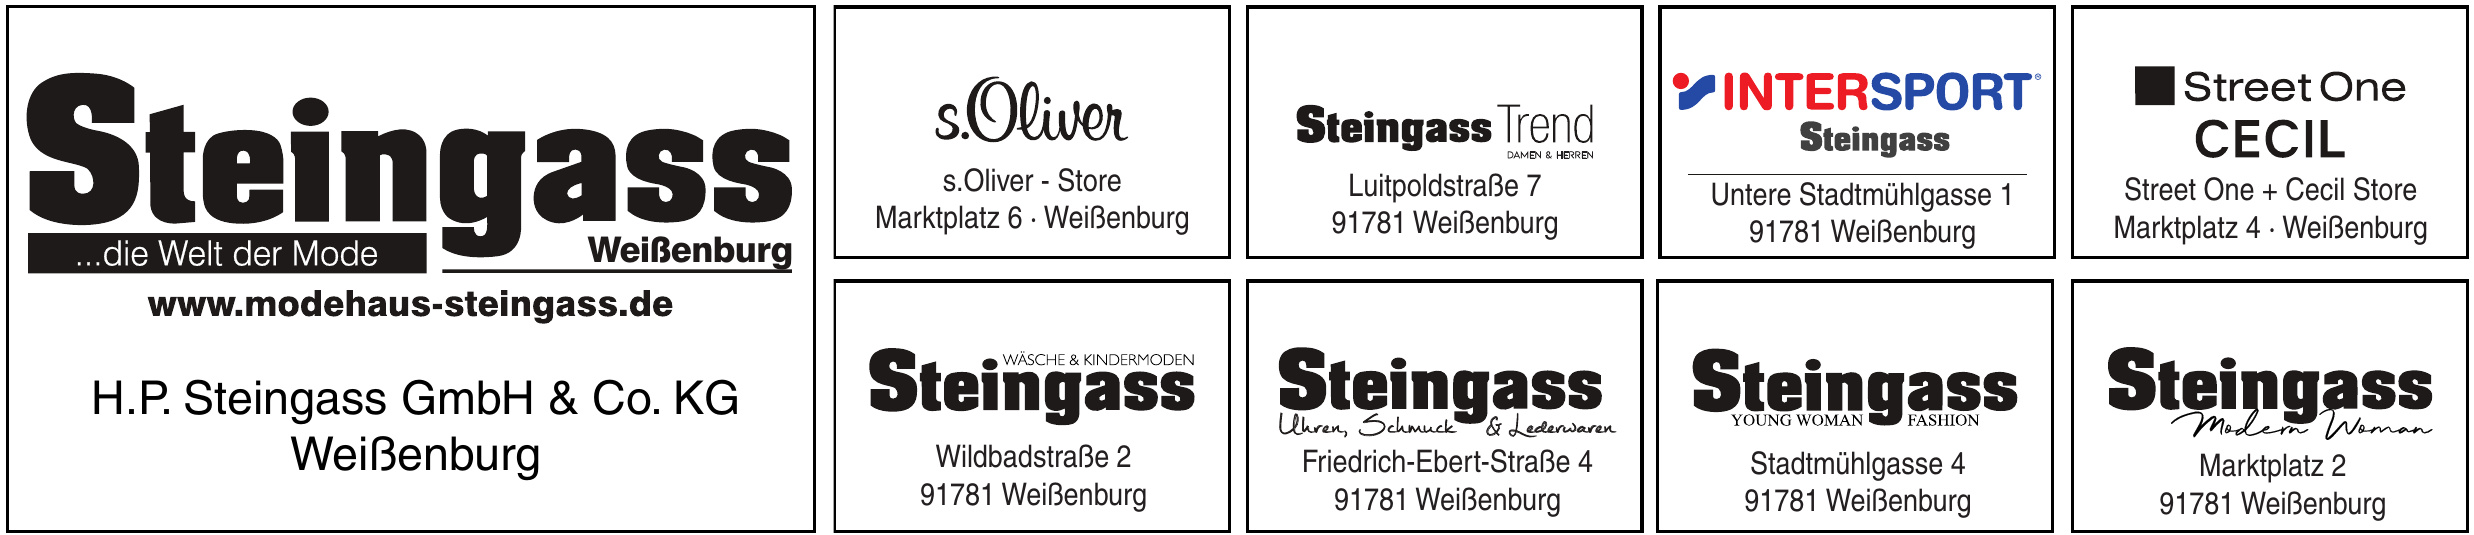 H.P. Steingass GmbH & Co. KG